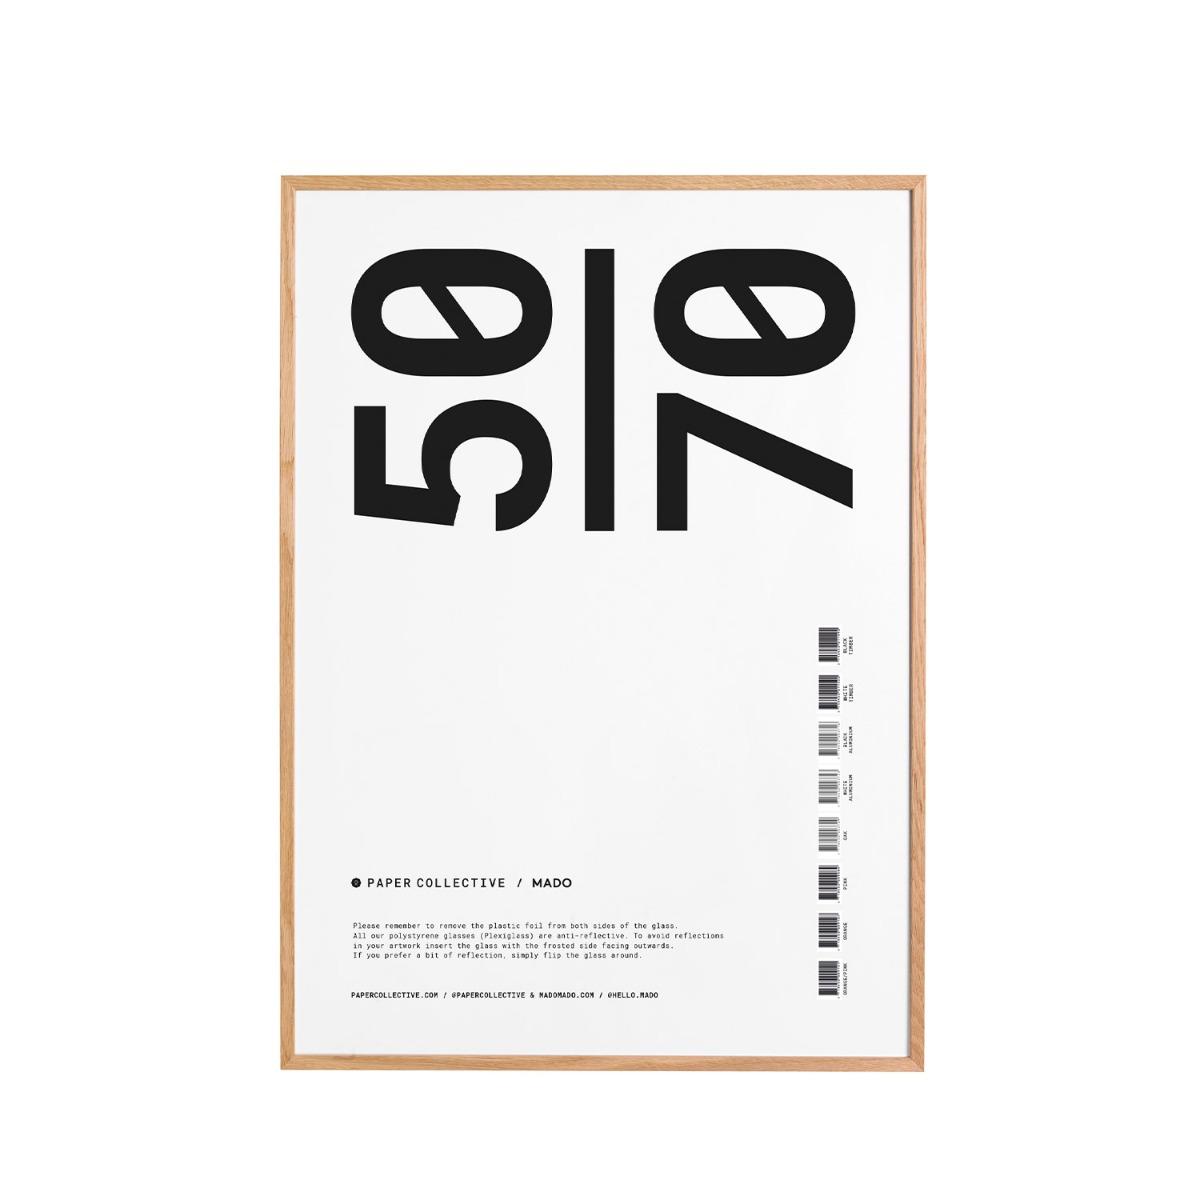 Paper Collective Ram Ek Plexi 50x70 cm